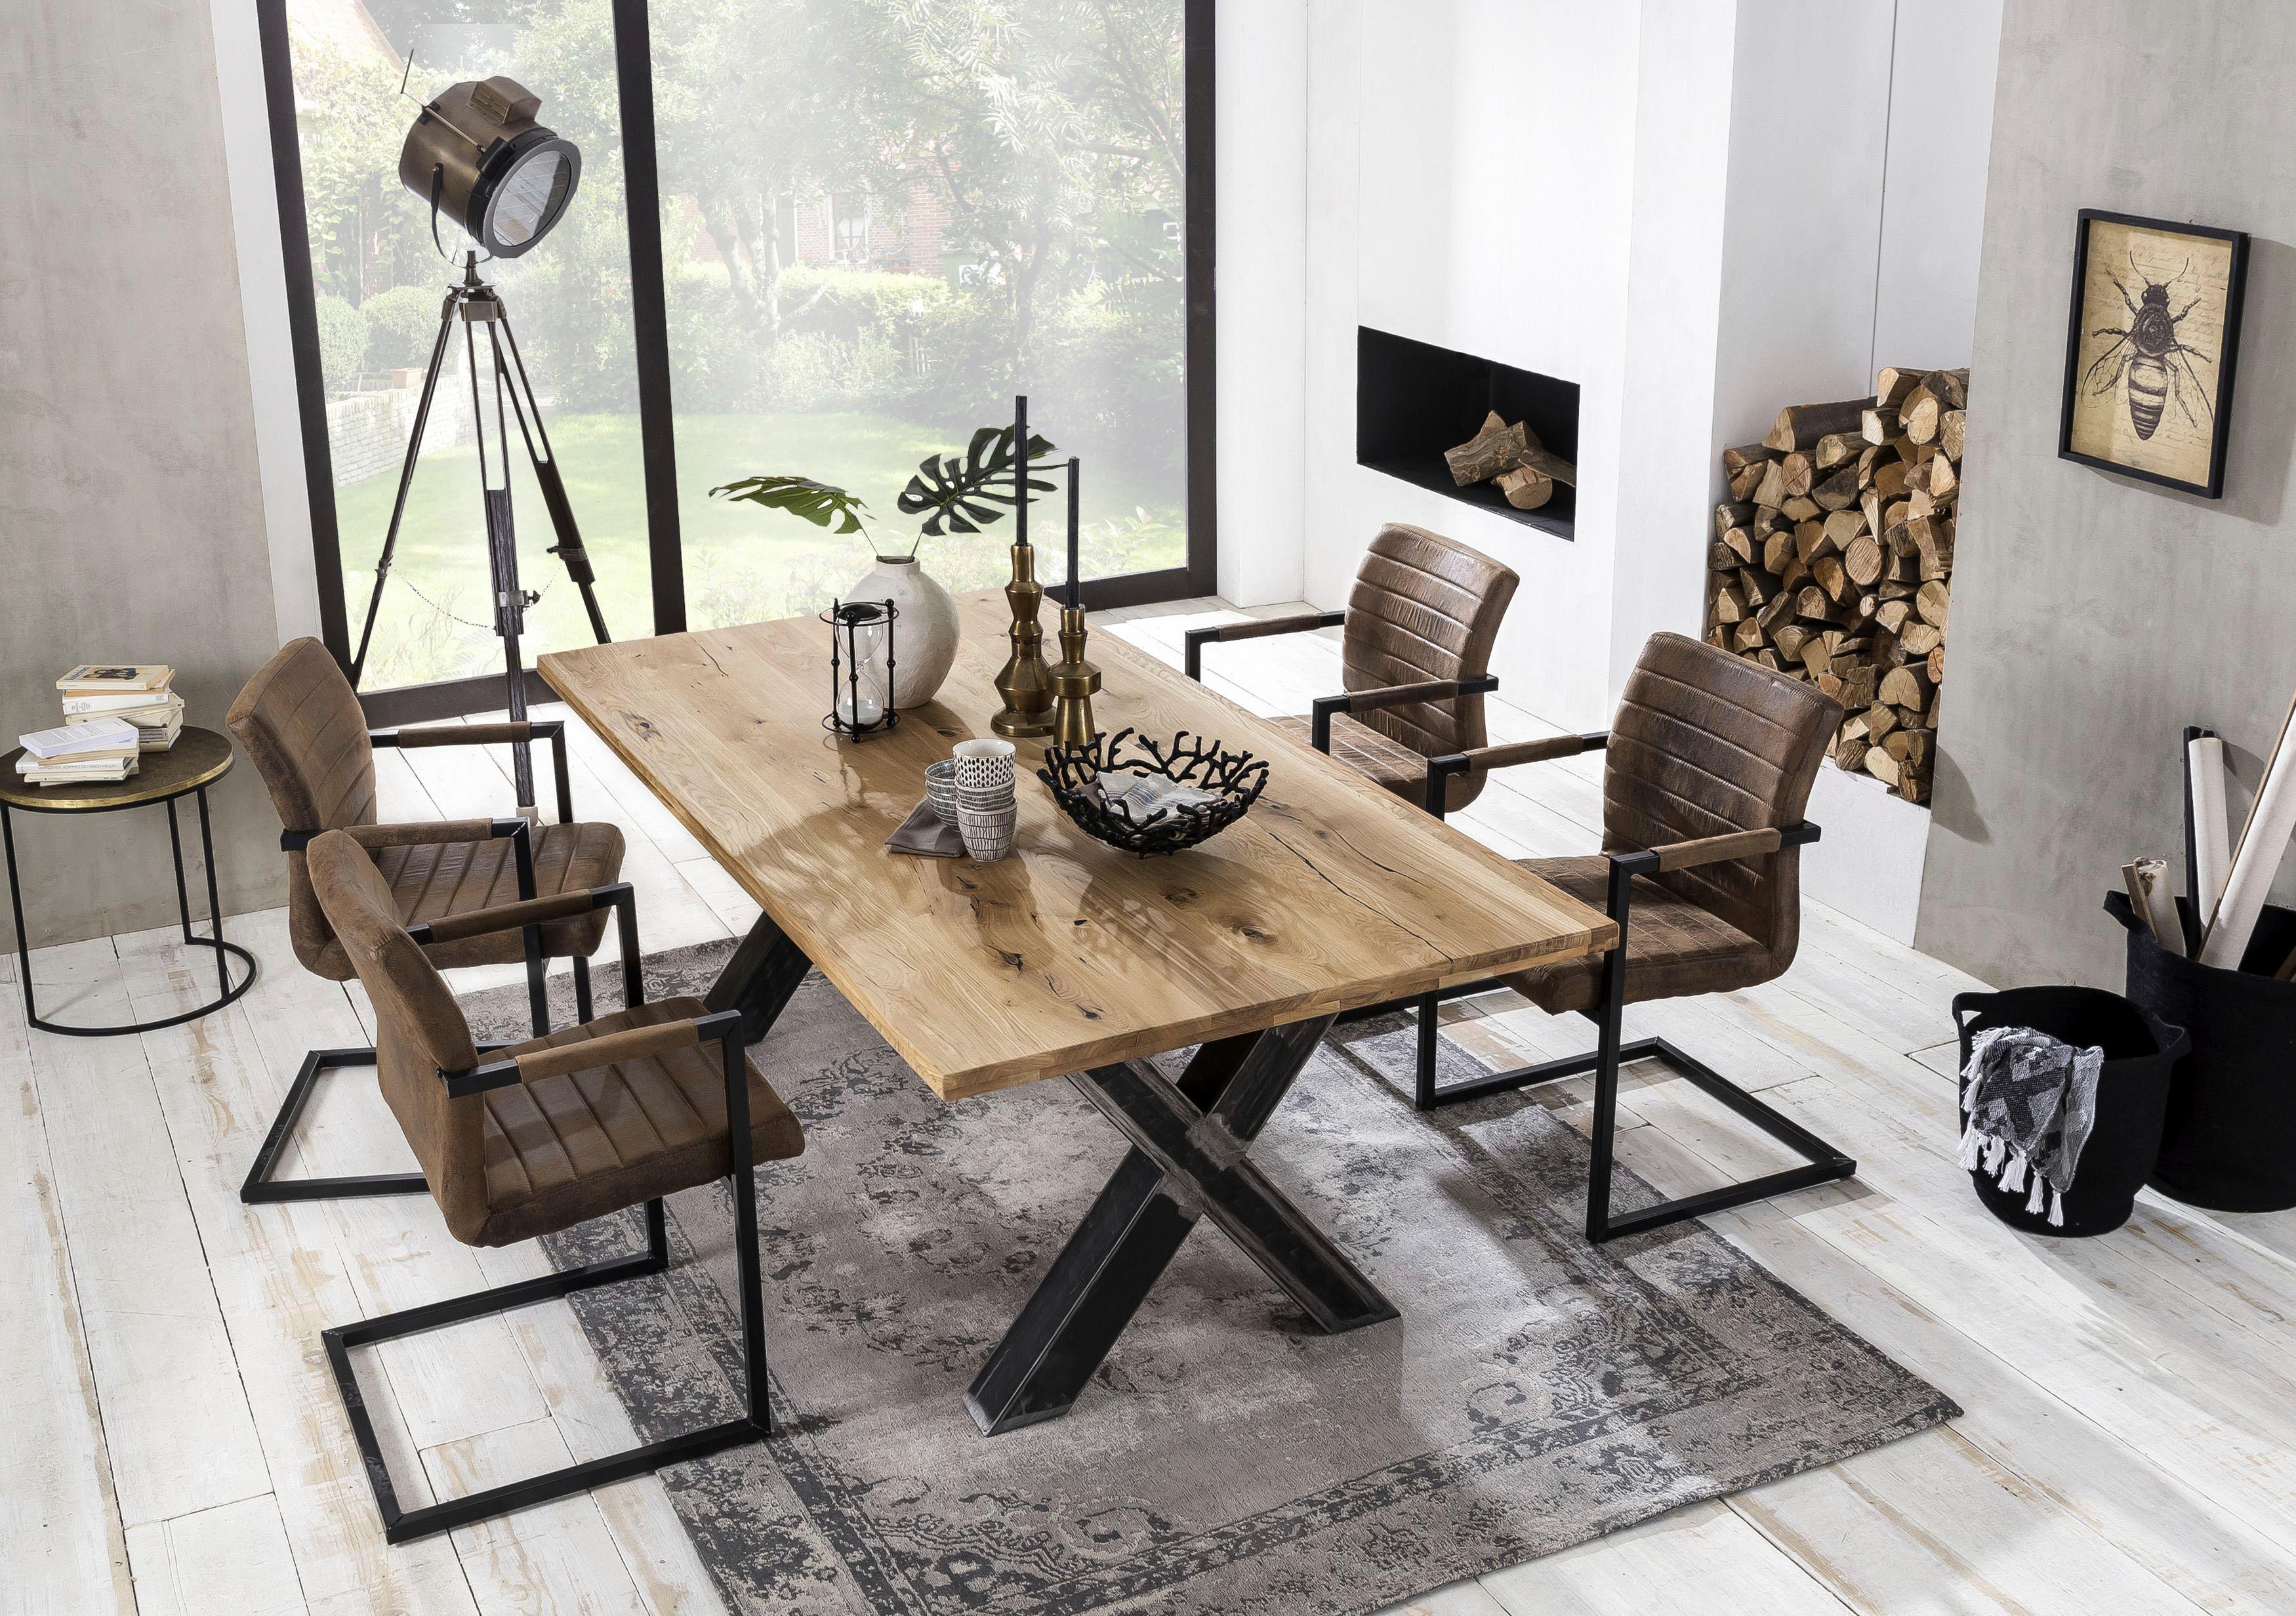 SIT Baumkantentisch Tables mit Platte aus Wildeiche natur